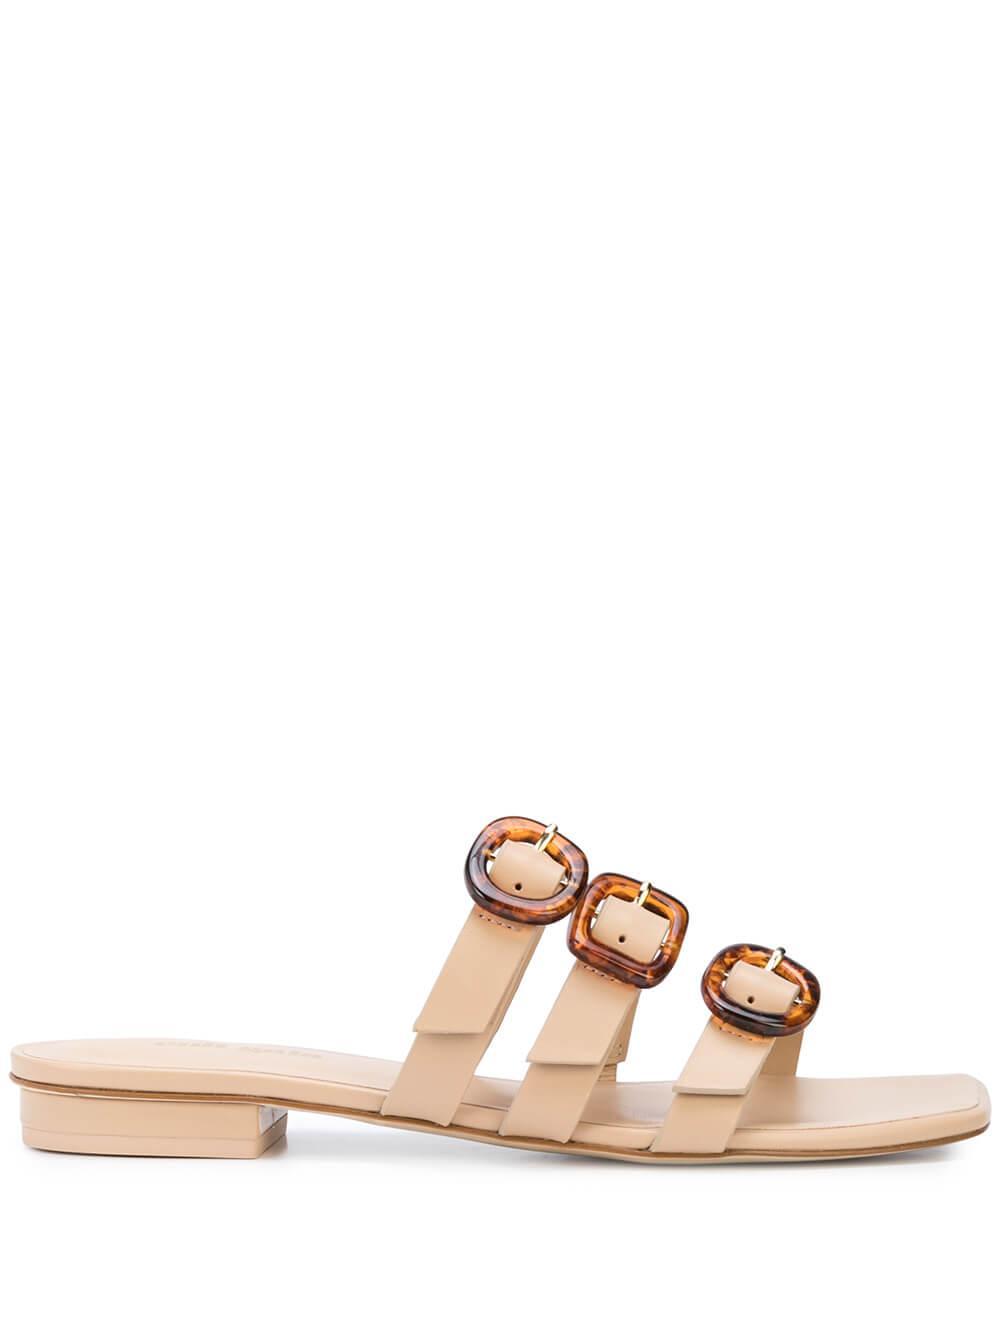 Tallulah 3 Strap Slide Sandal